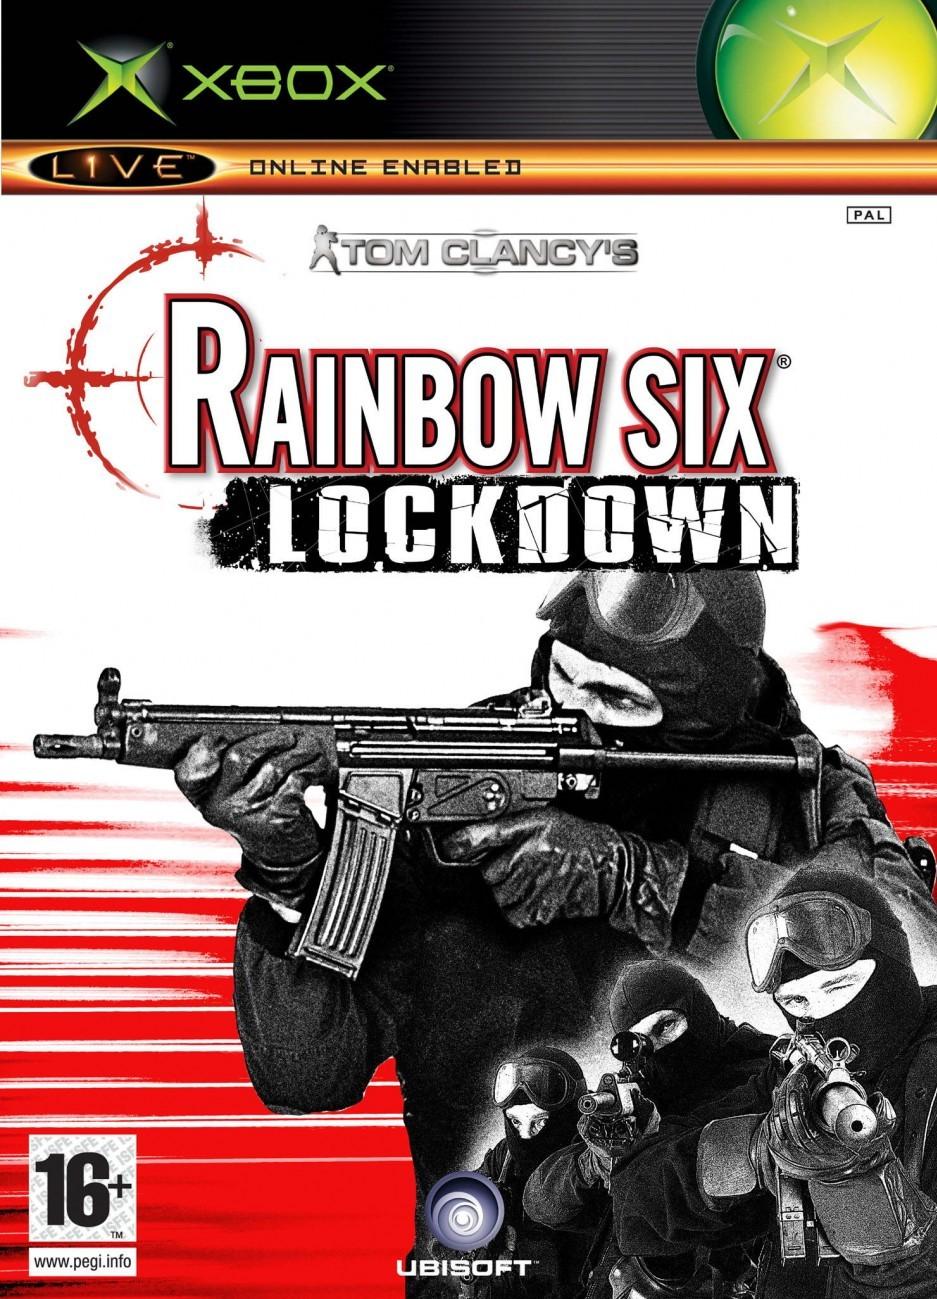 Члены спецподразделения Rainbow защищают мирных жителей Земли от